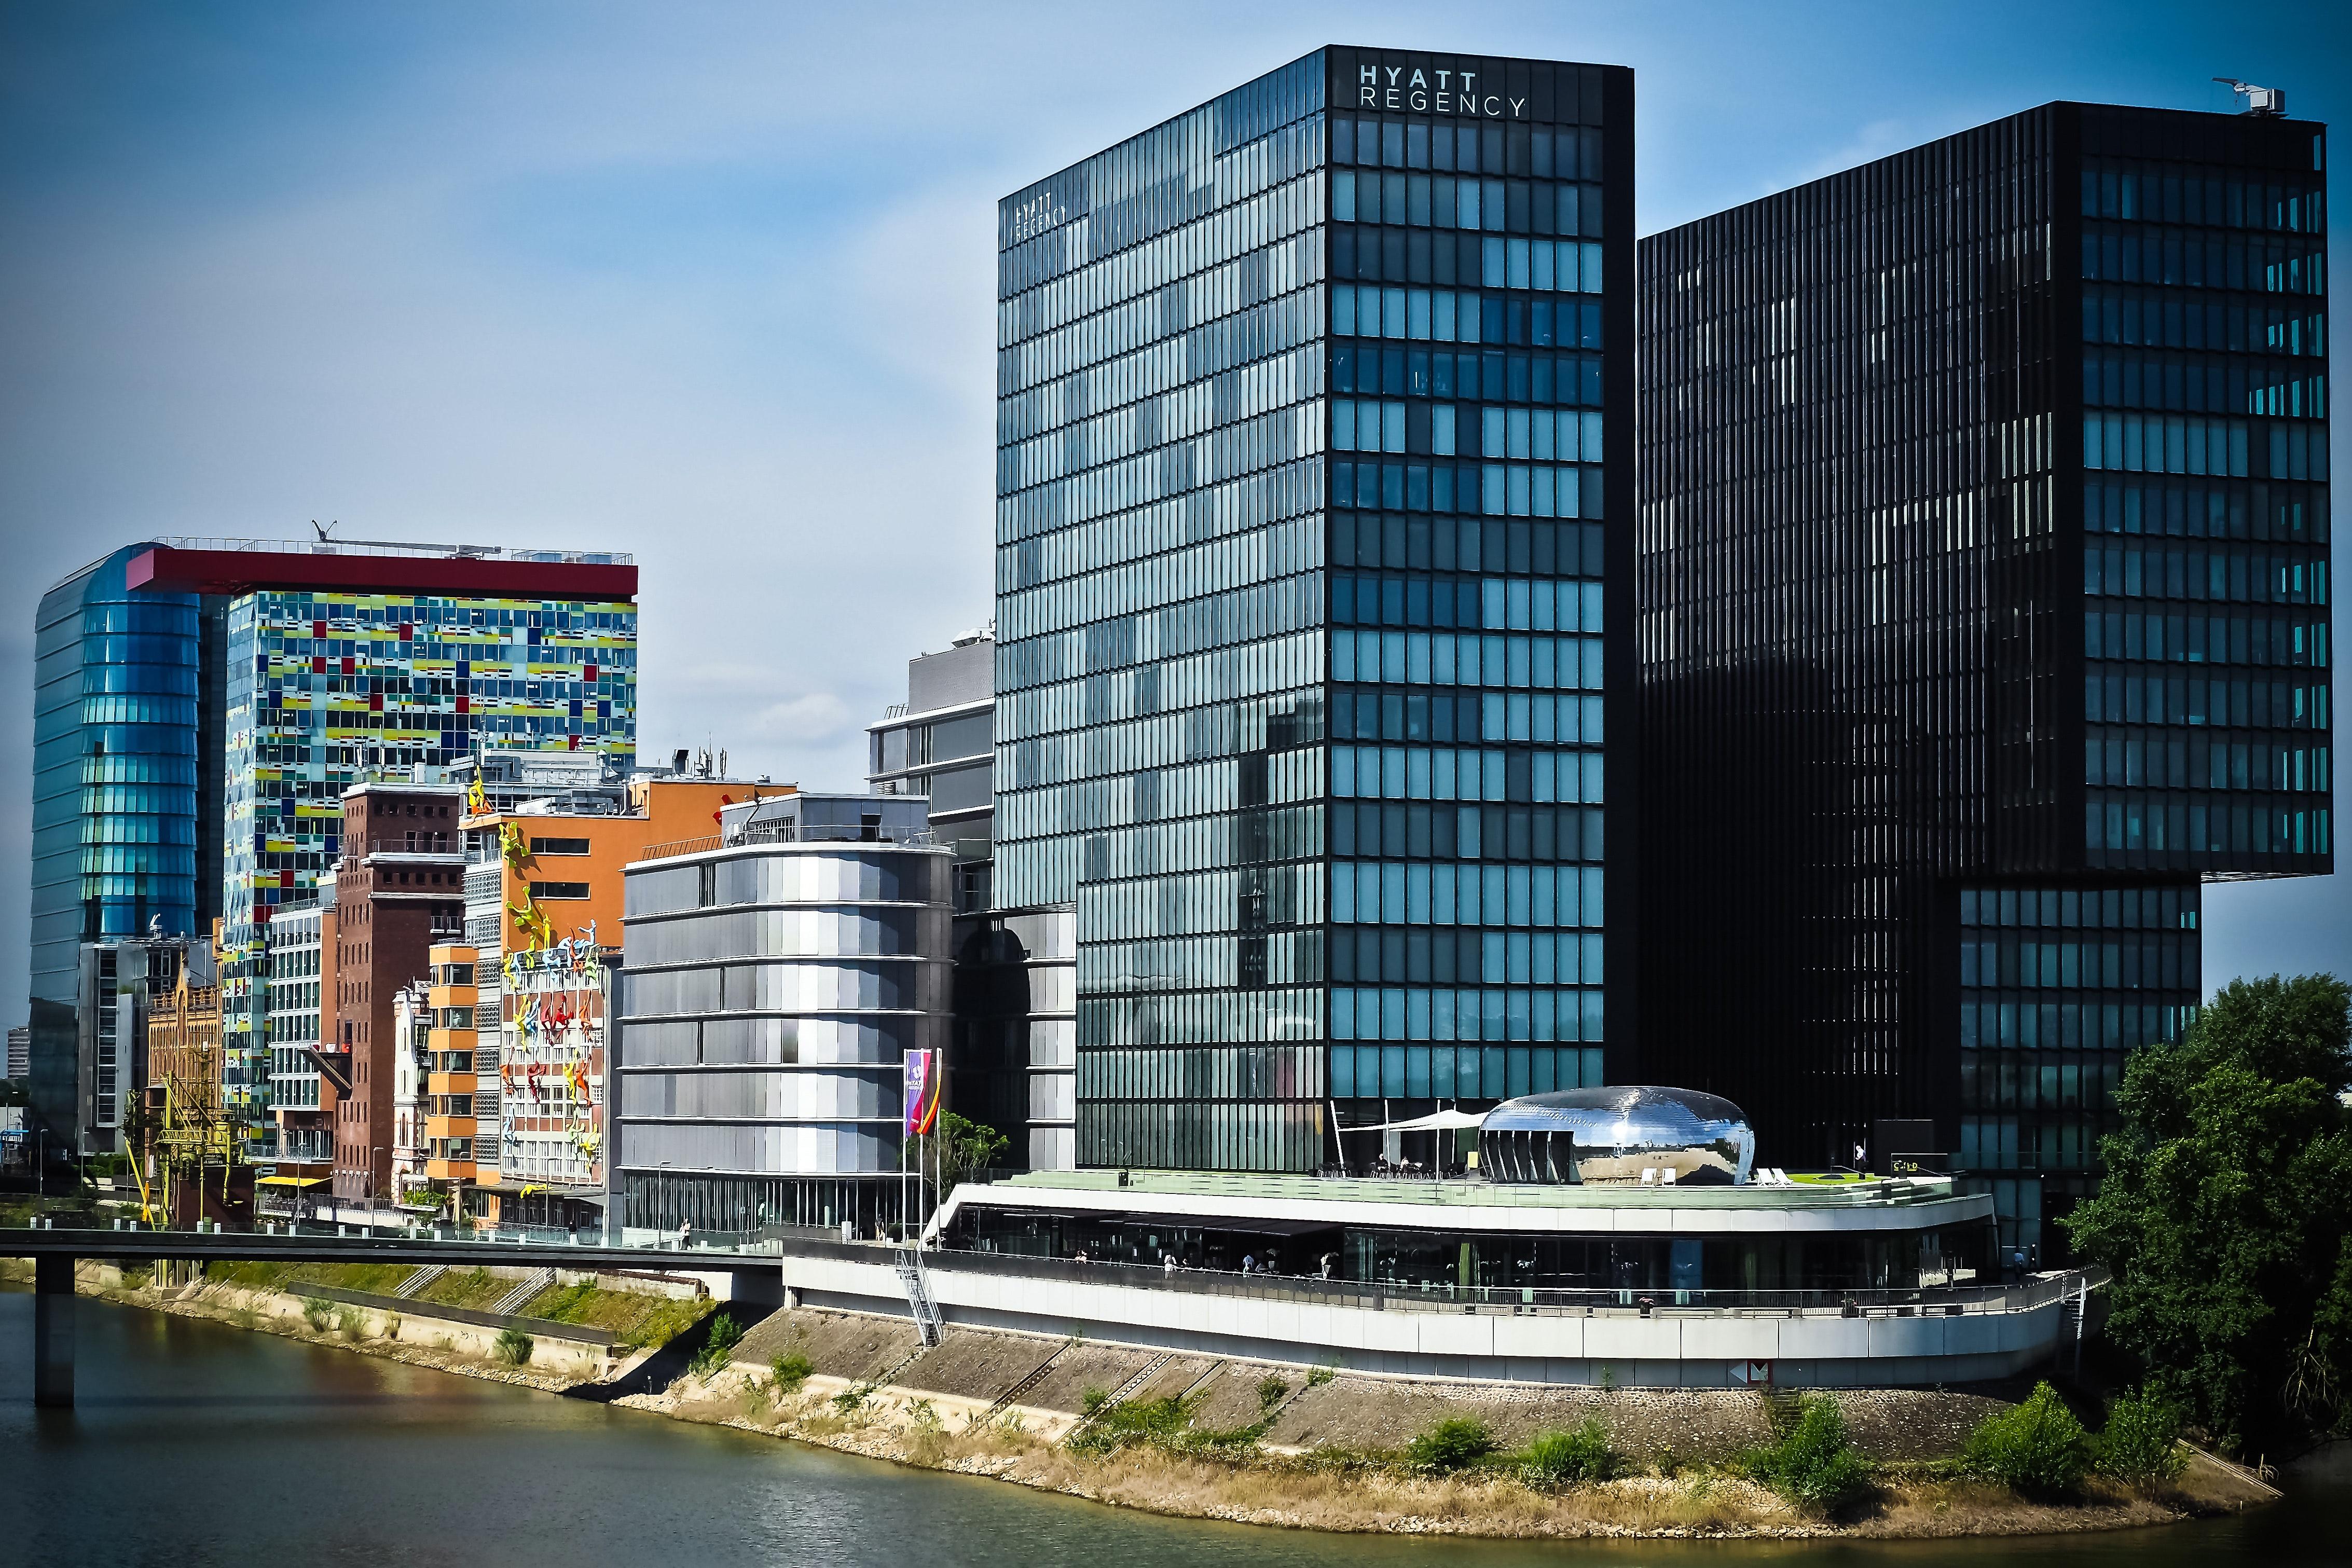 Grey Concrete High Building, Architecture, Buildings, City, Cityscape, HQ Photo